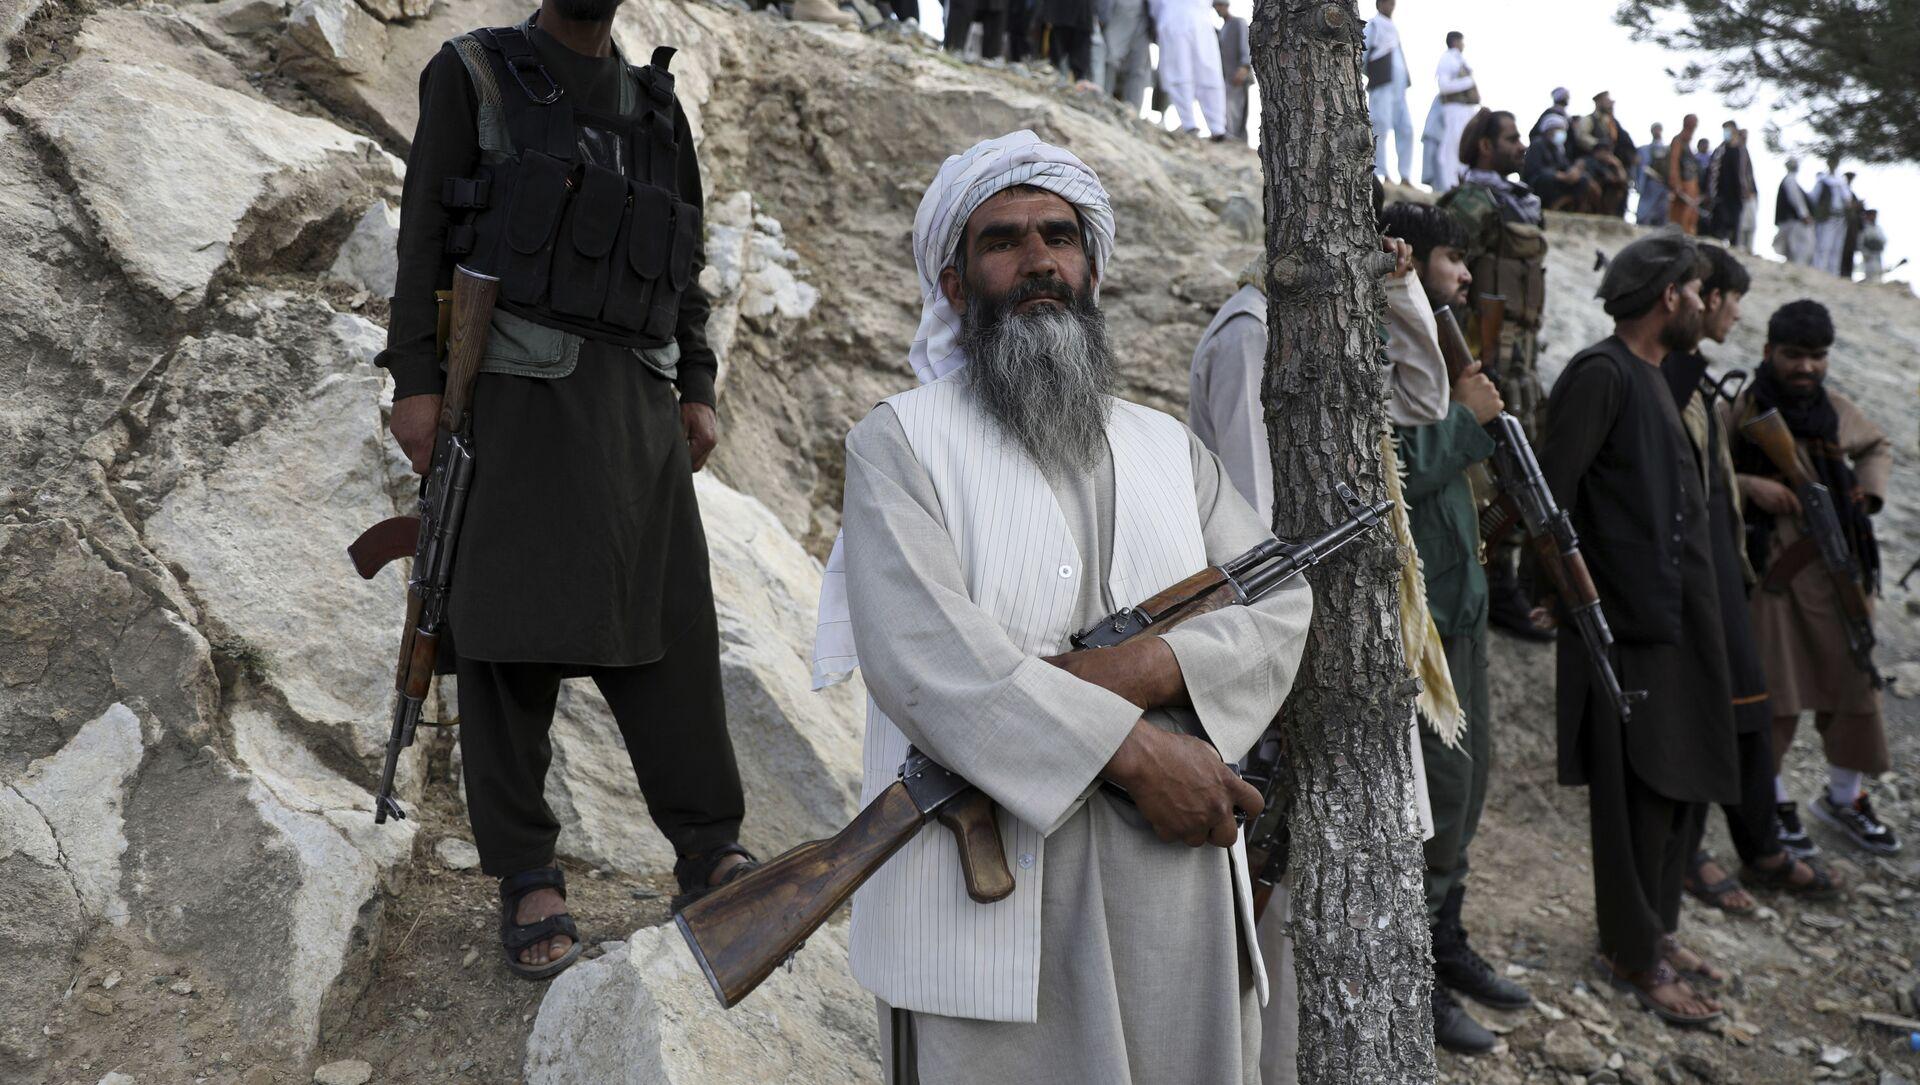 Афганские ополченцы в Кабуле, Афганистан, 3 июня 2021 года. - Sputnik Азербайджан, 1920, 15.07.2021